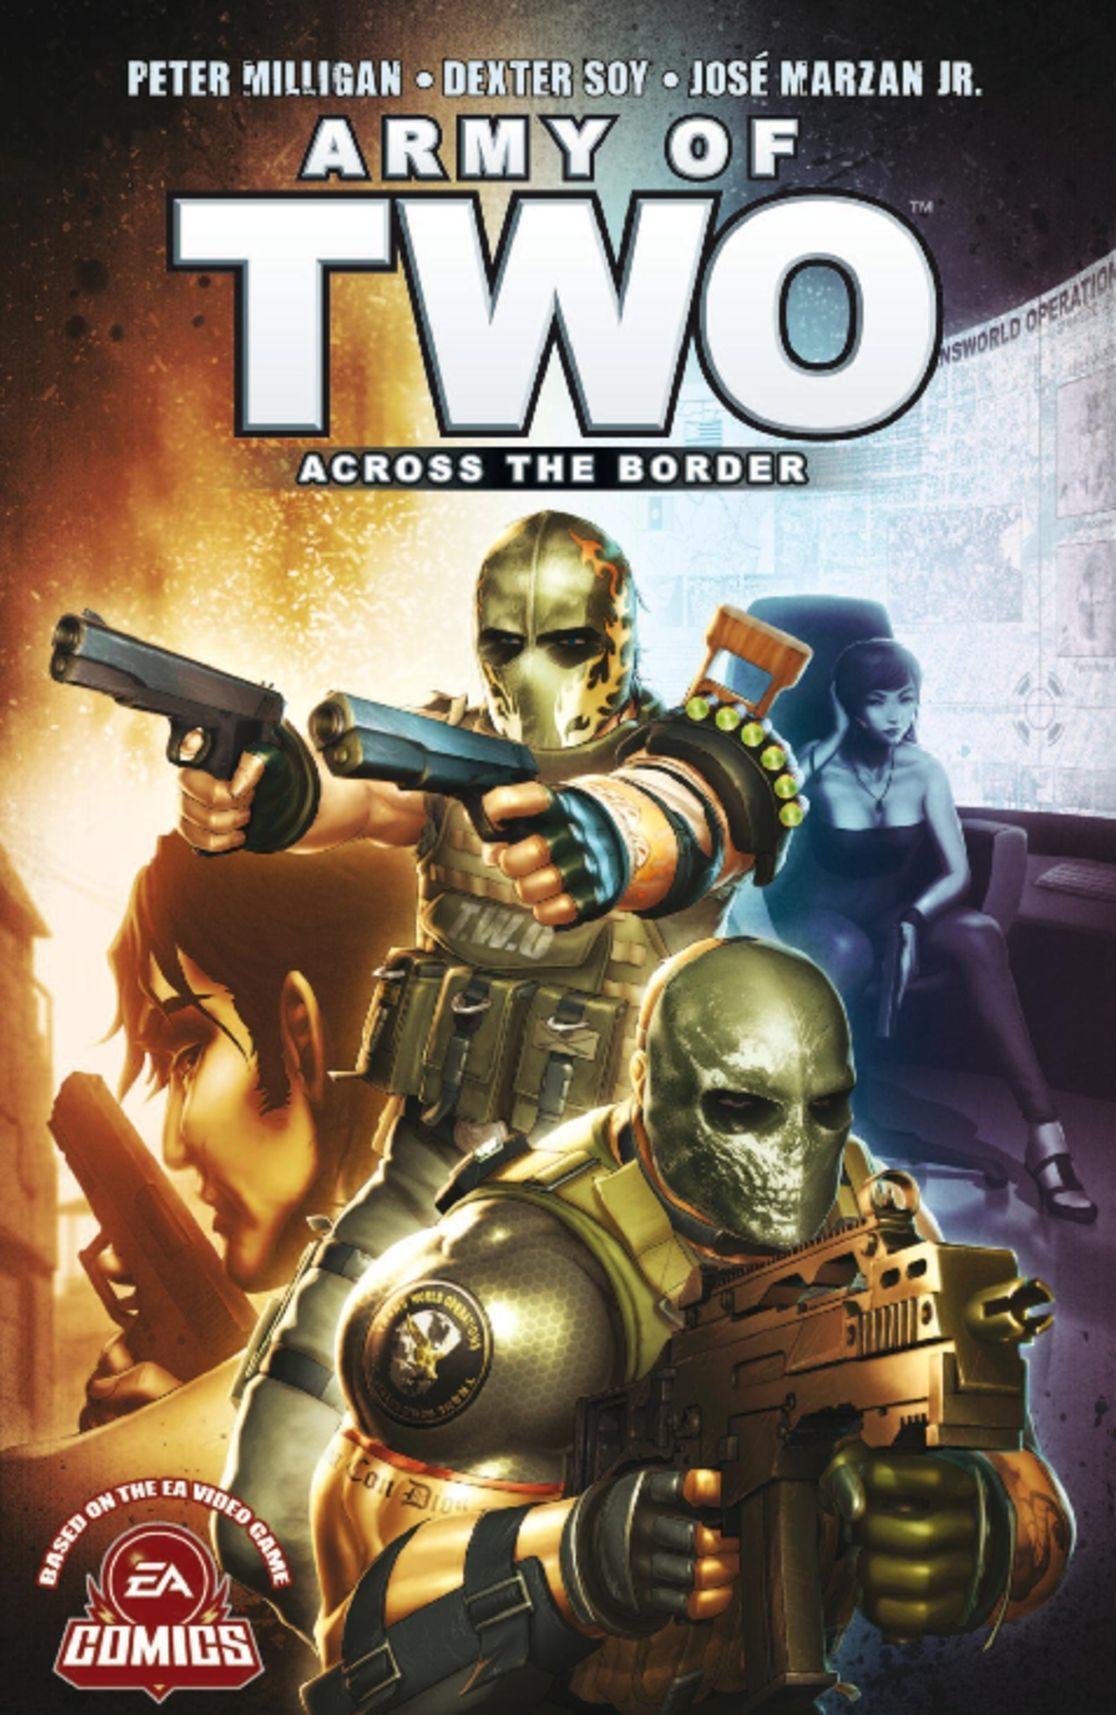 Army of Two Vol 1 Digital